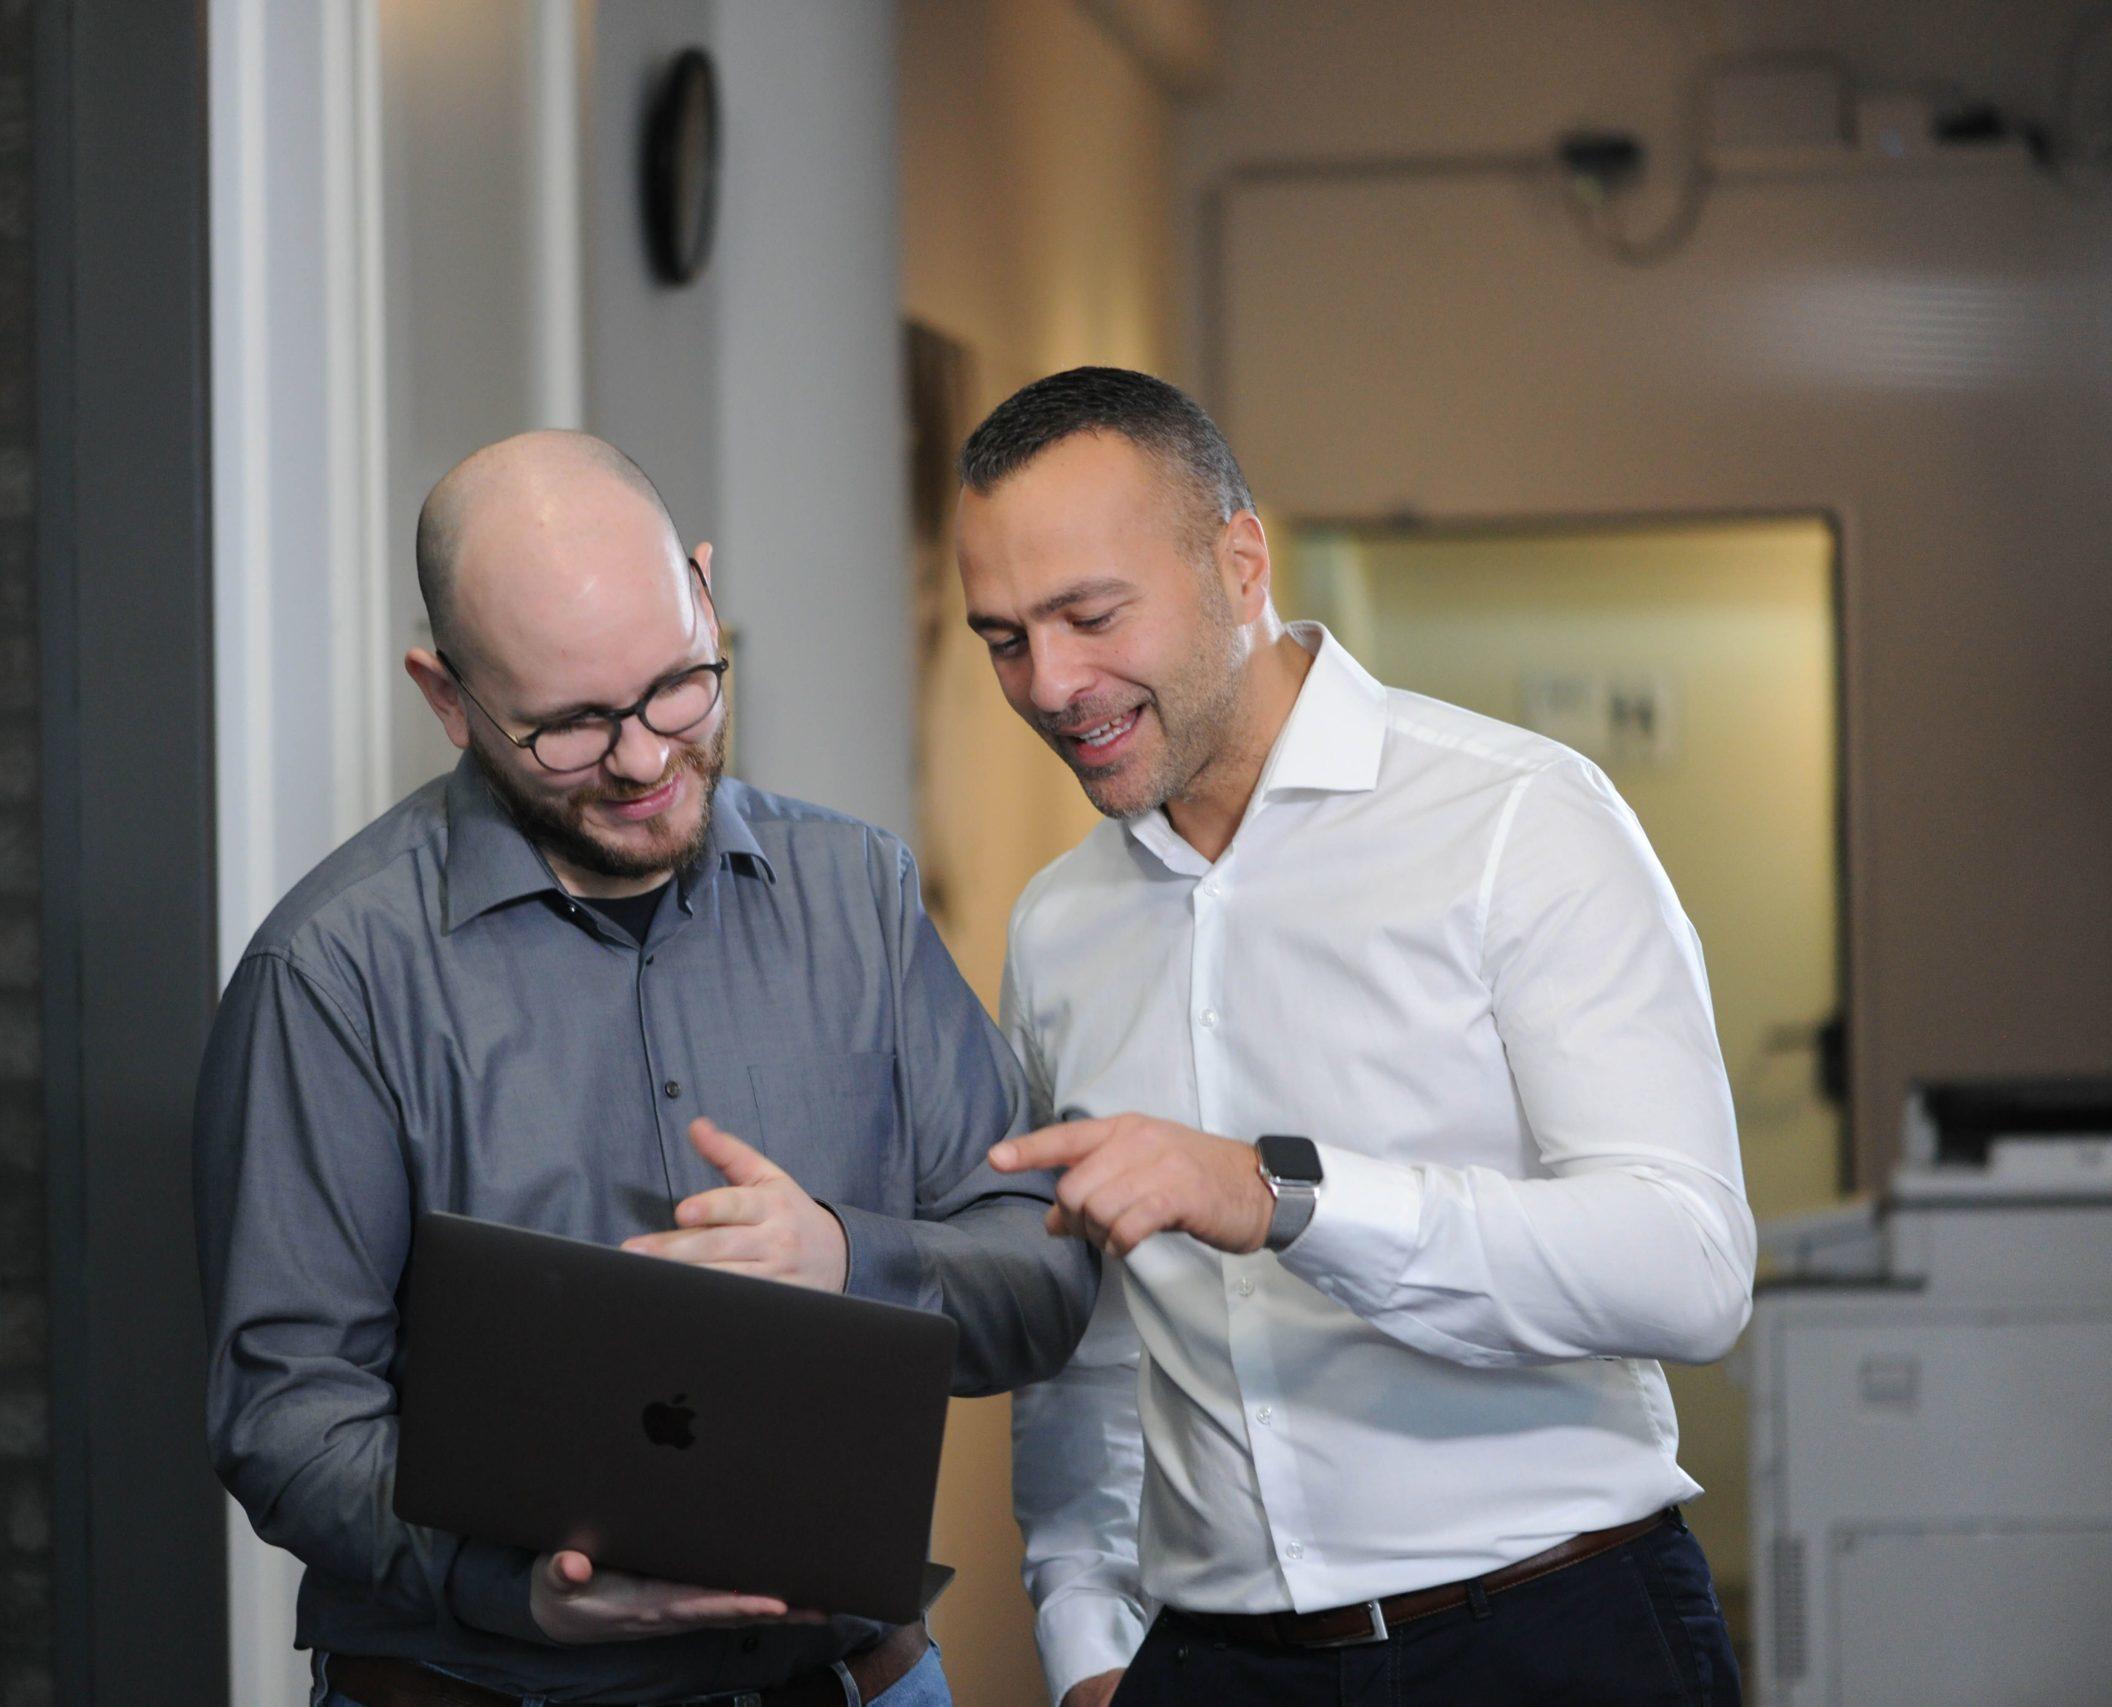 Rainer Matla und Süleyman Daral entwicklen Konzeote die begeistern